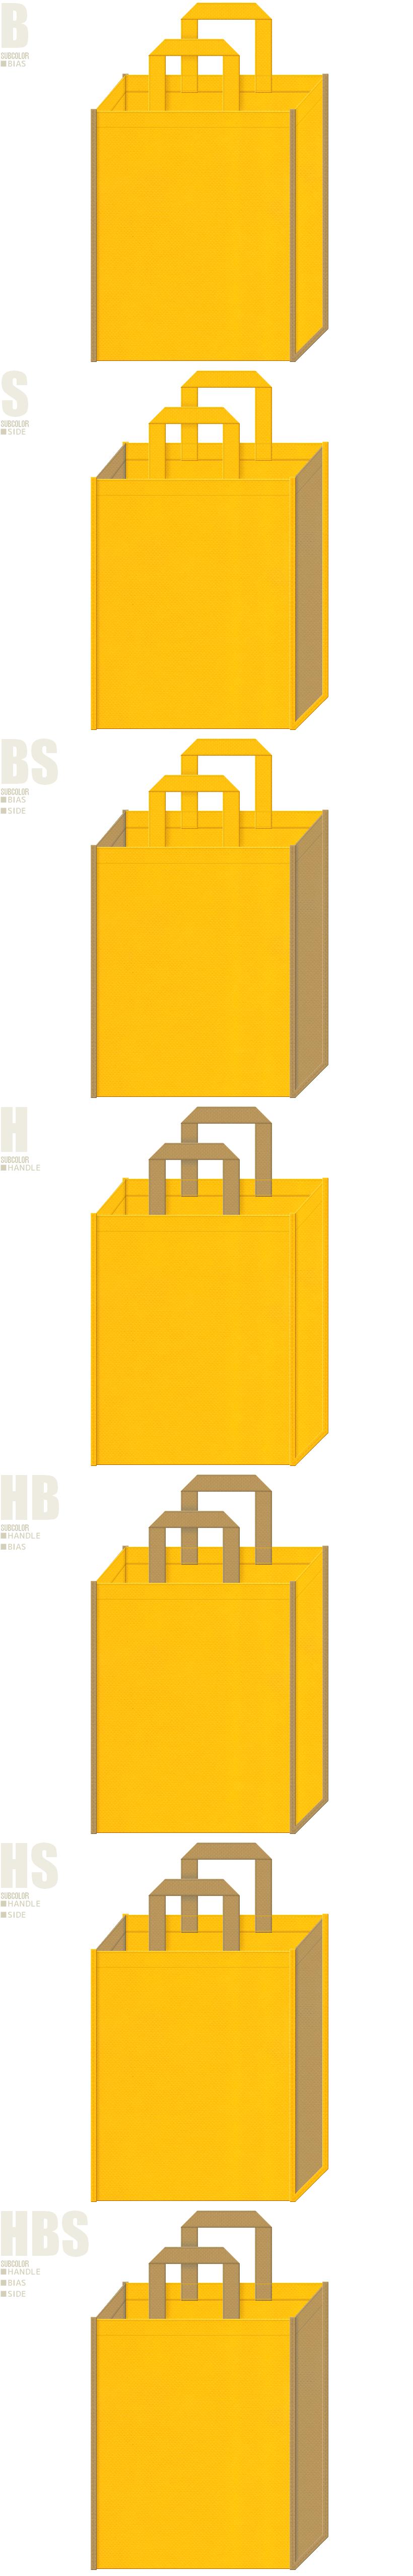 マロンケーキ・カレーパン・砂漠・黄金・ピラミッド・テーマパーク・ゲーム・キッズイベントにお奨めの不織布バッグデザイン:黄色と金黄土色の配色7パターン。